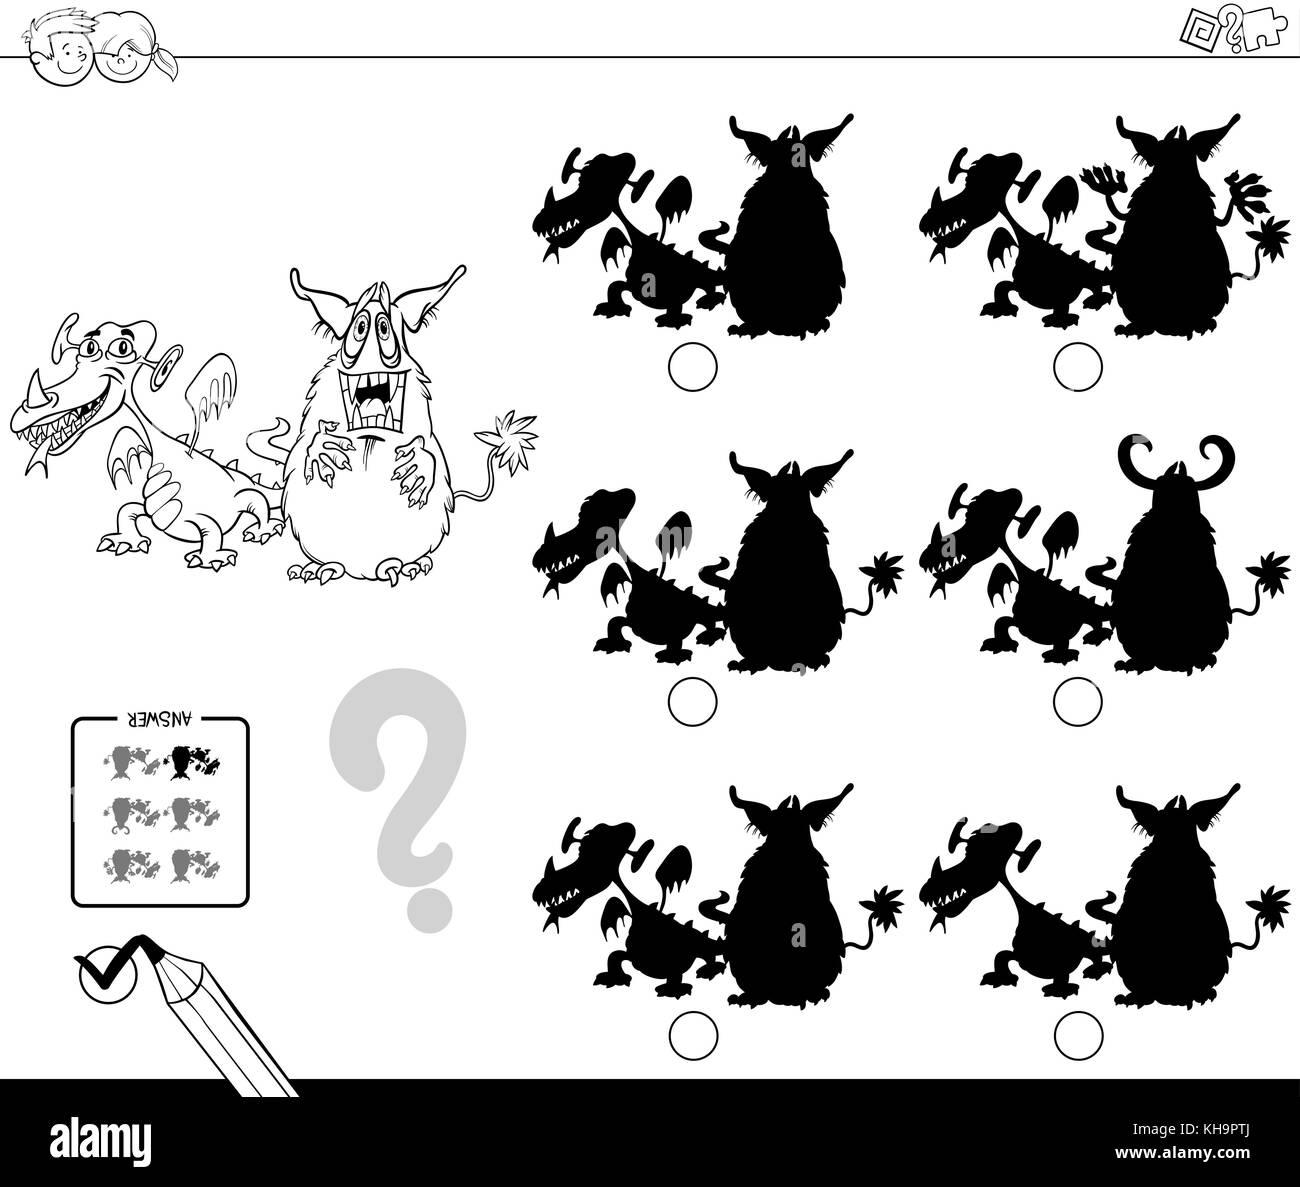 Schwarze und weiße Cartoon Illustration zu finden, die Schatten ...